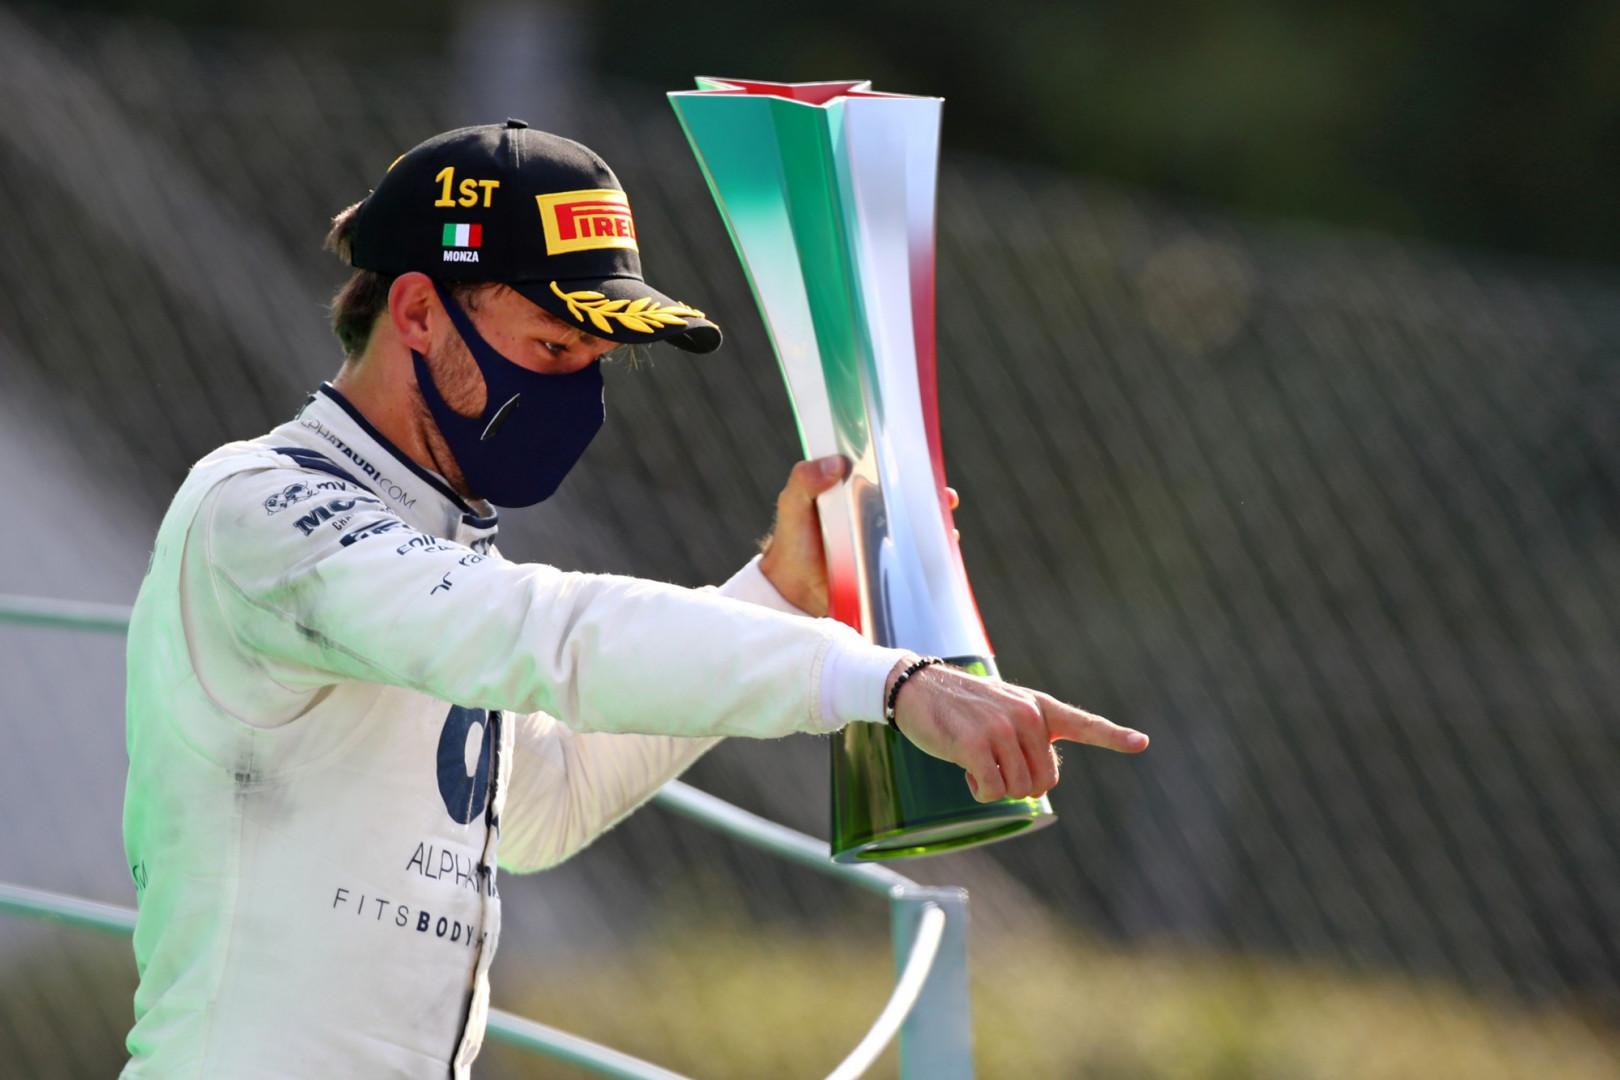 6 septembre : Pierre Gasly triomphe au Grand Prix d'Italie, une première pour un Français depuis 1996